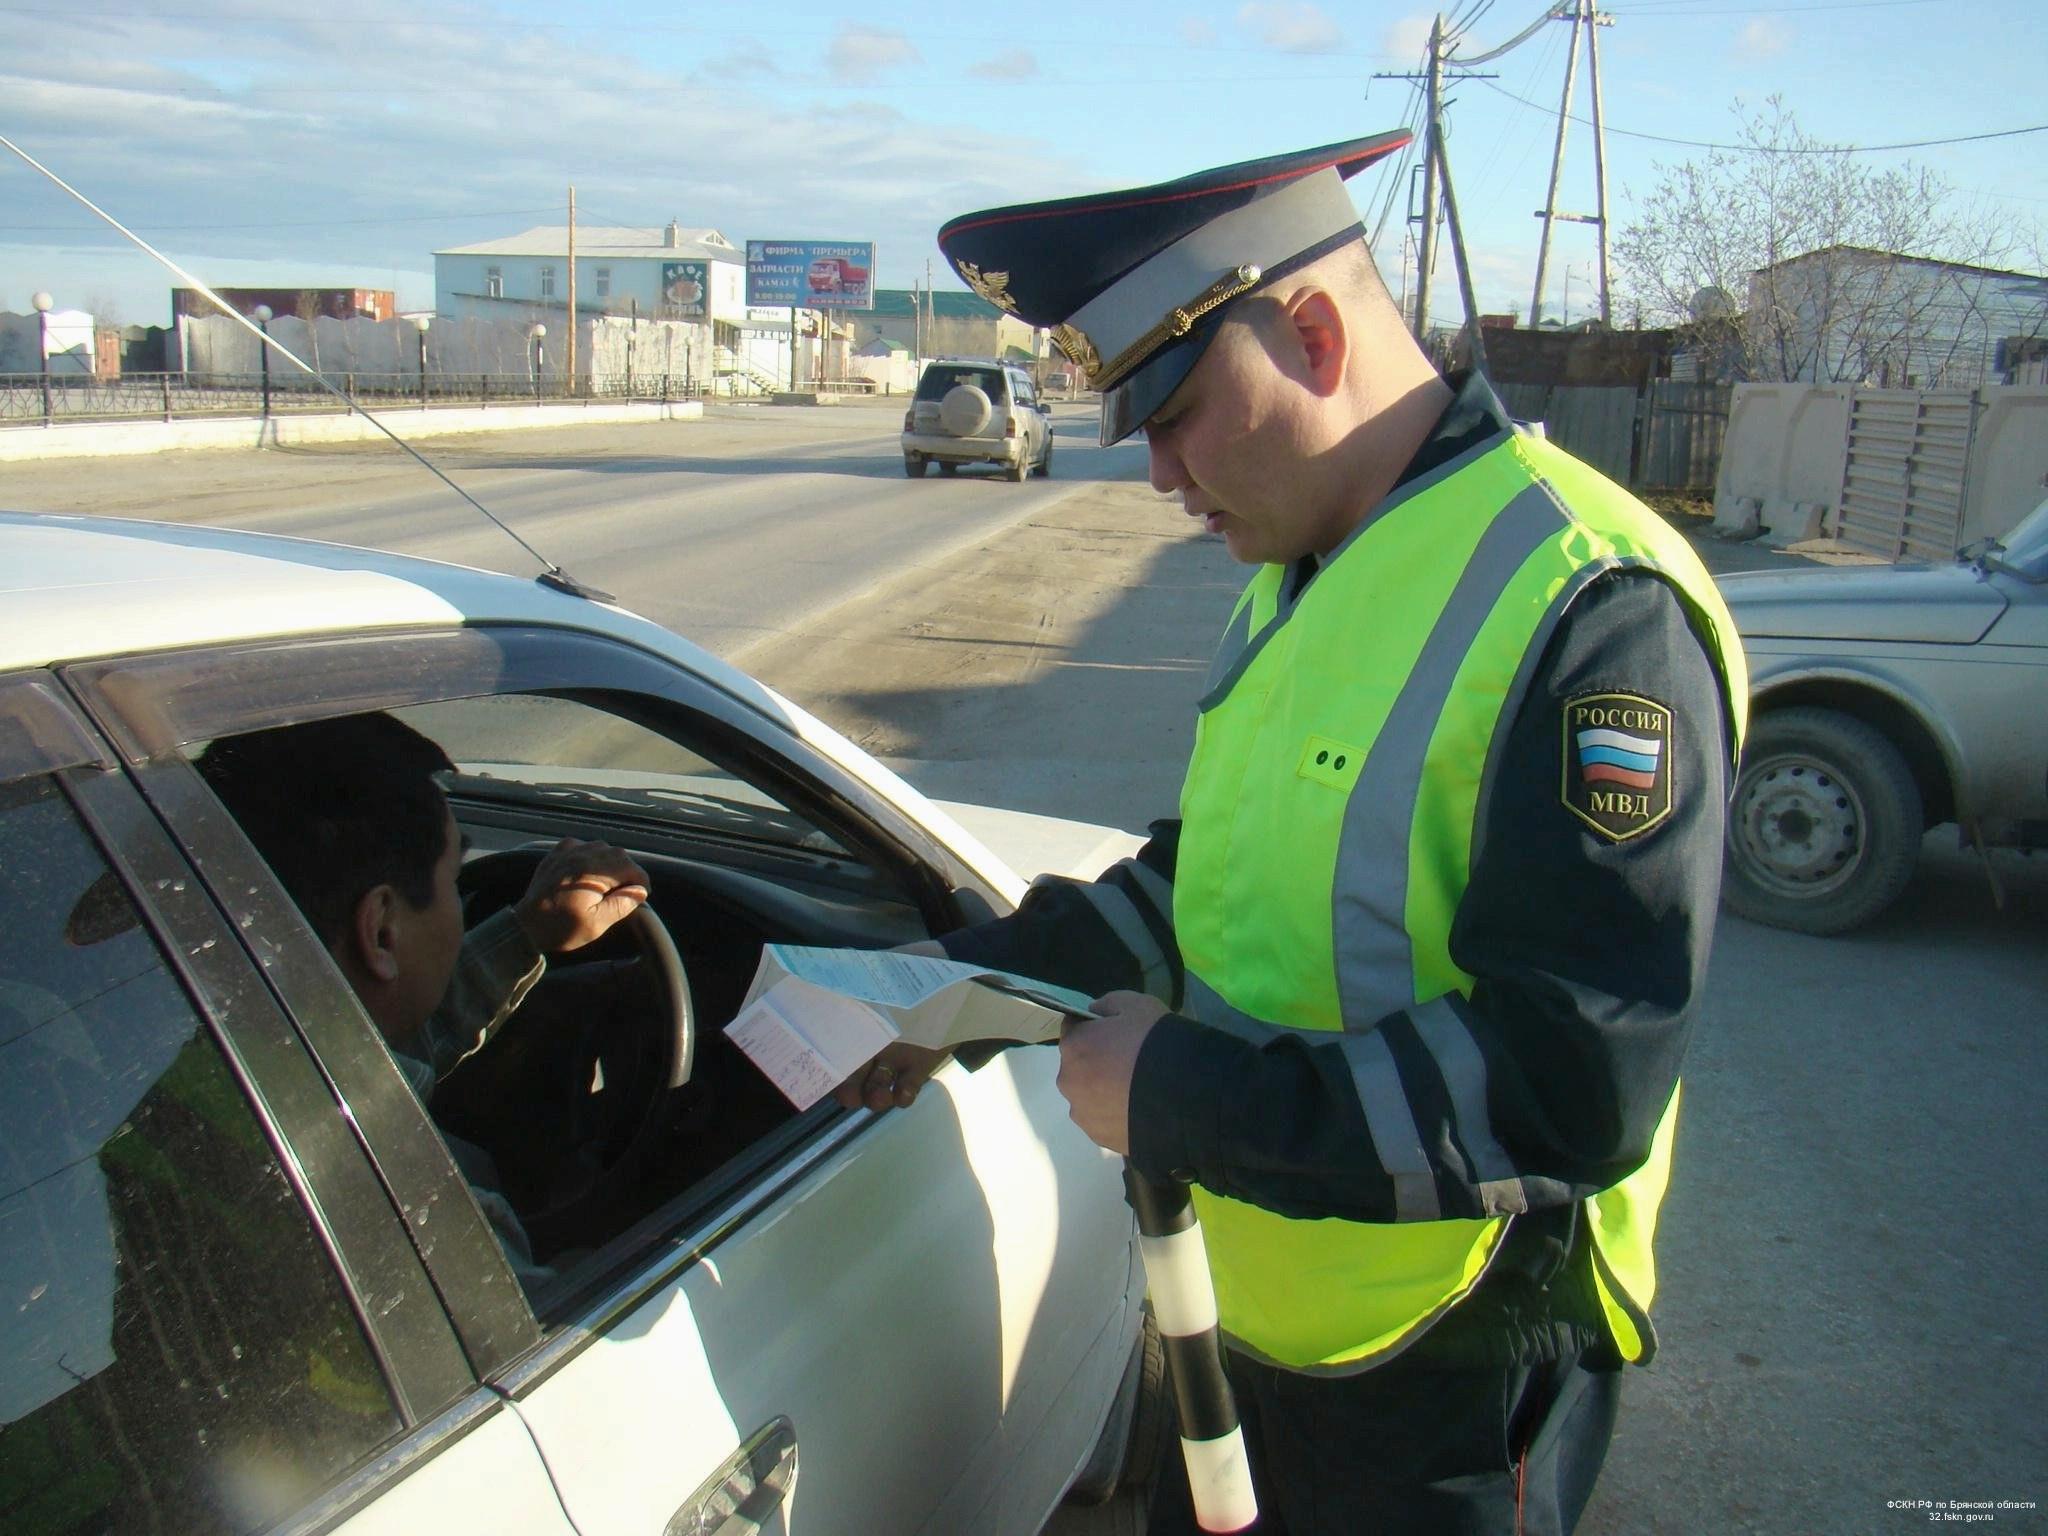 взятка за нарушение правил дорожного движения сказал